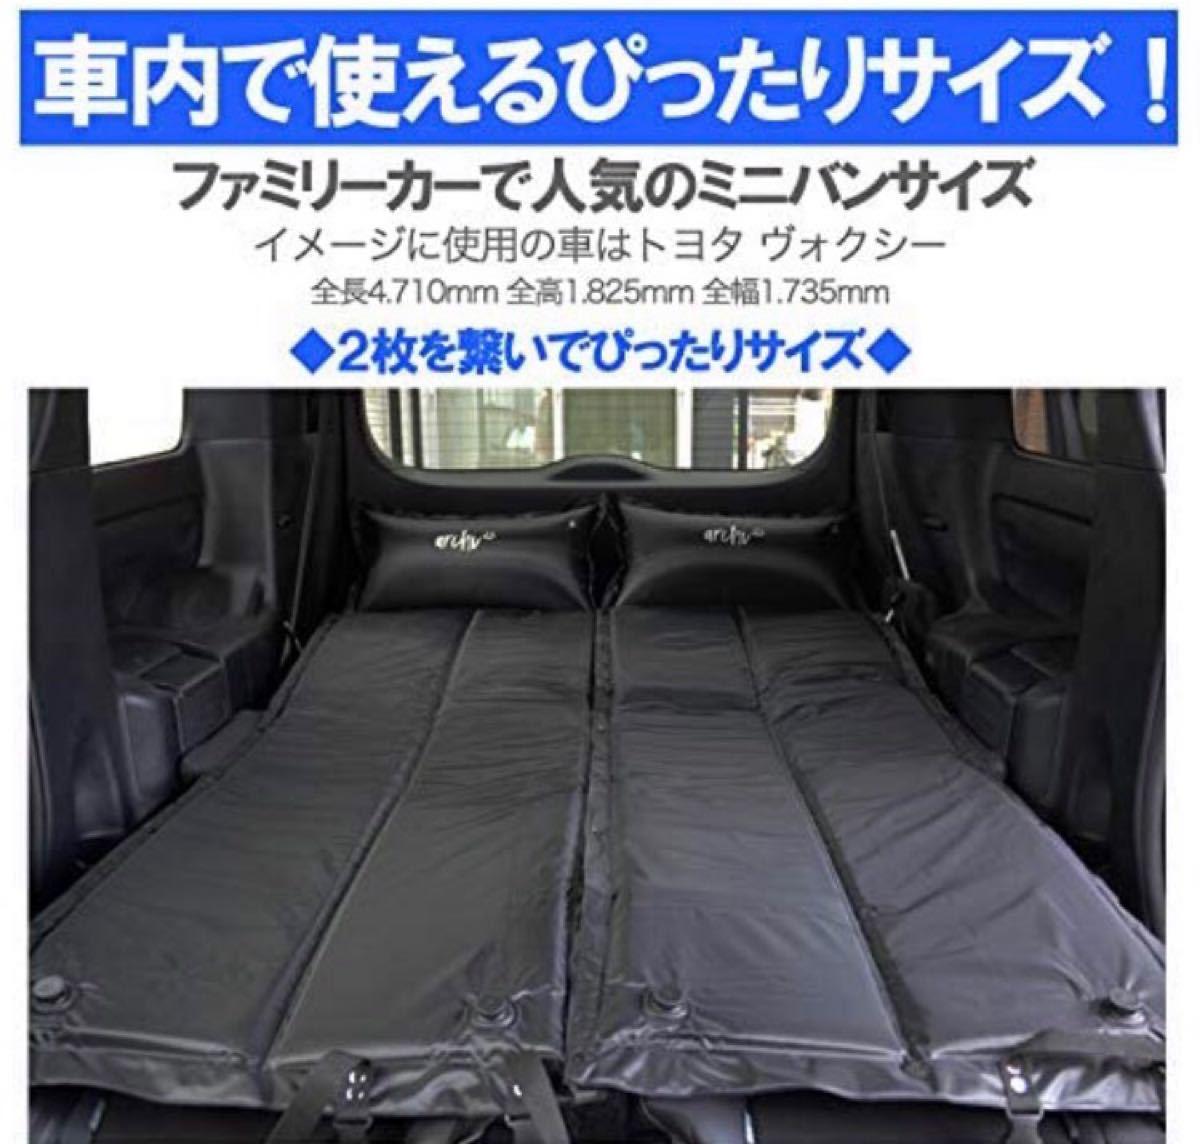 エアーマット エアマット 車中泊 キャンプ 黒 アウトドア  軽量 エアベッド キャンピングマットエアーベッド セット 防水 人気